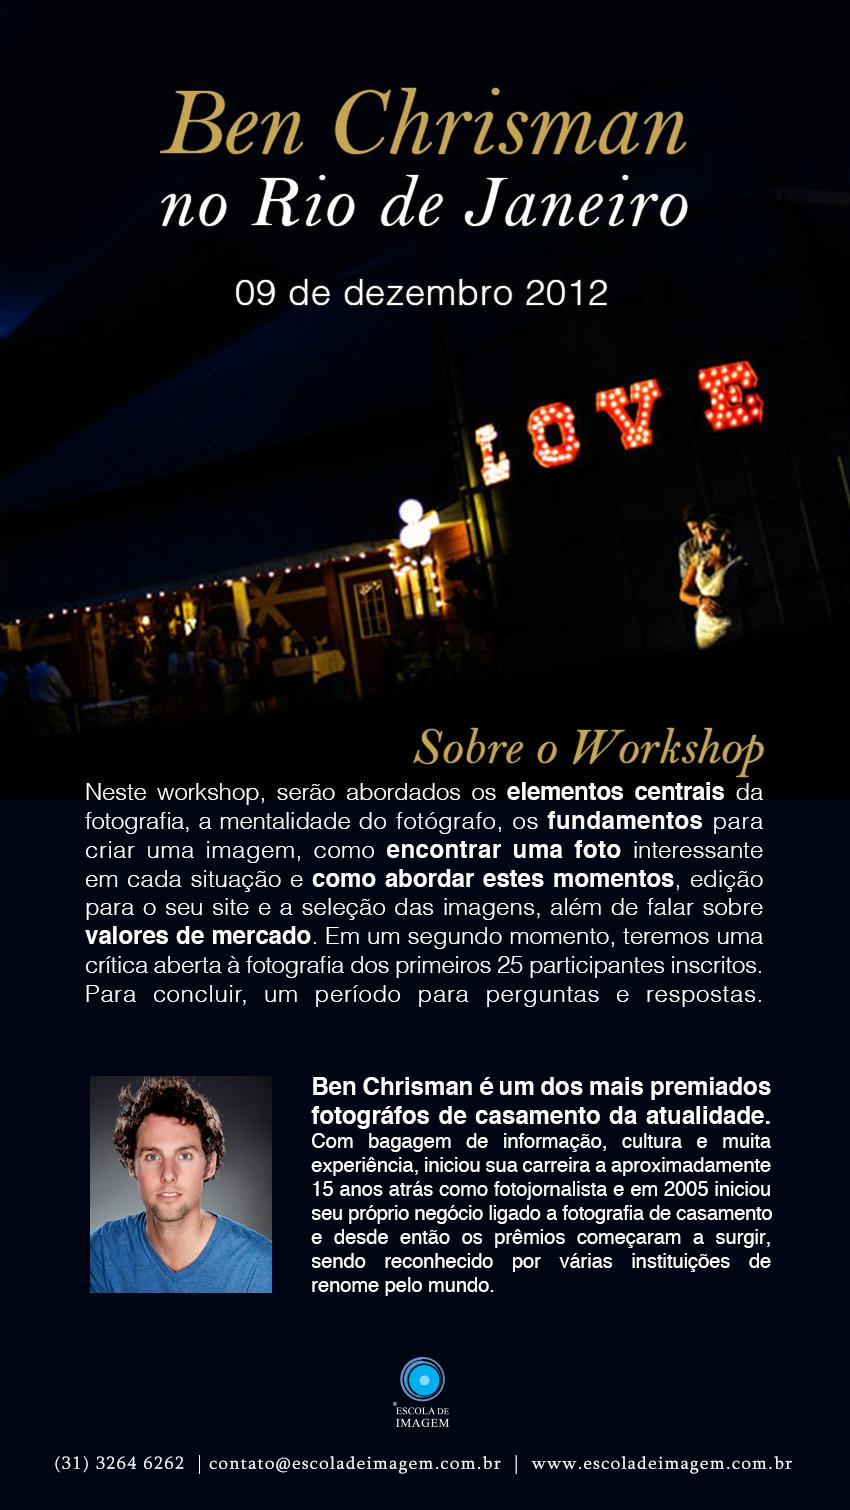 Talentoso es poco: Ben Chrisman en workshop único en Rio de Janeiro